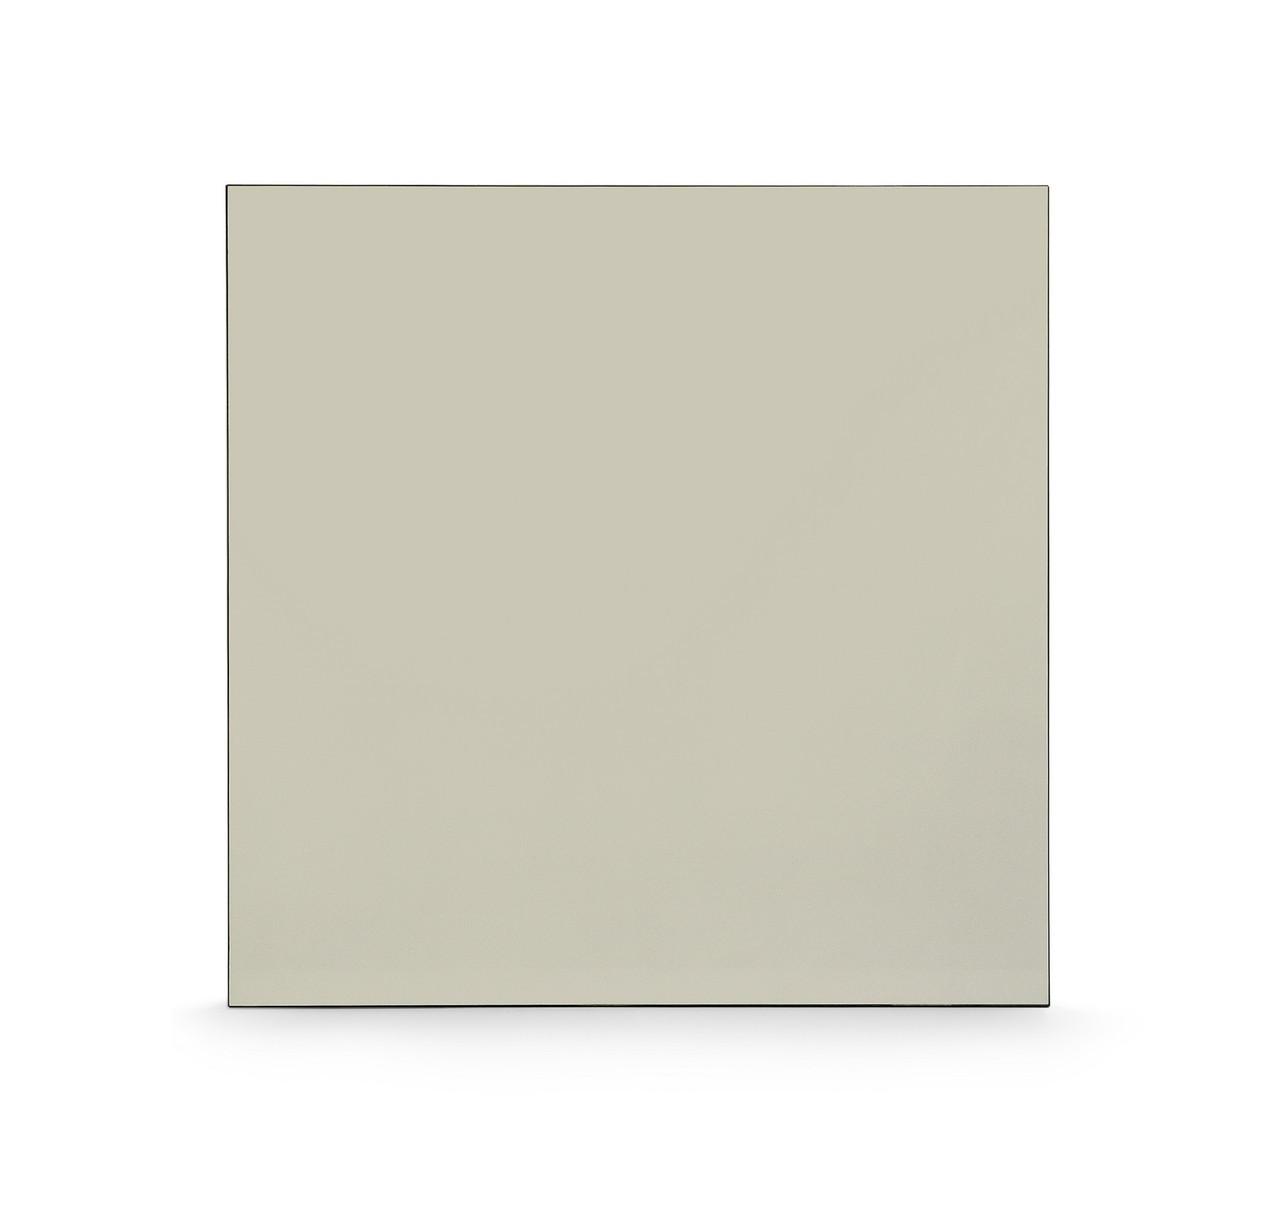 Экономный керамический инфракрасный обогреватель (400 ВТ, 8 м.кв., белый) VESTA ECO 400